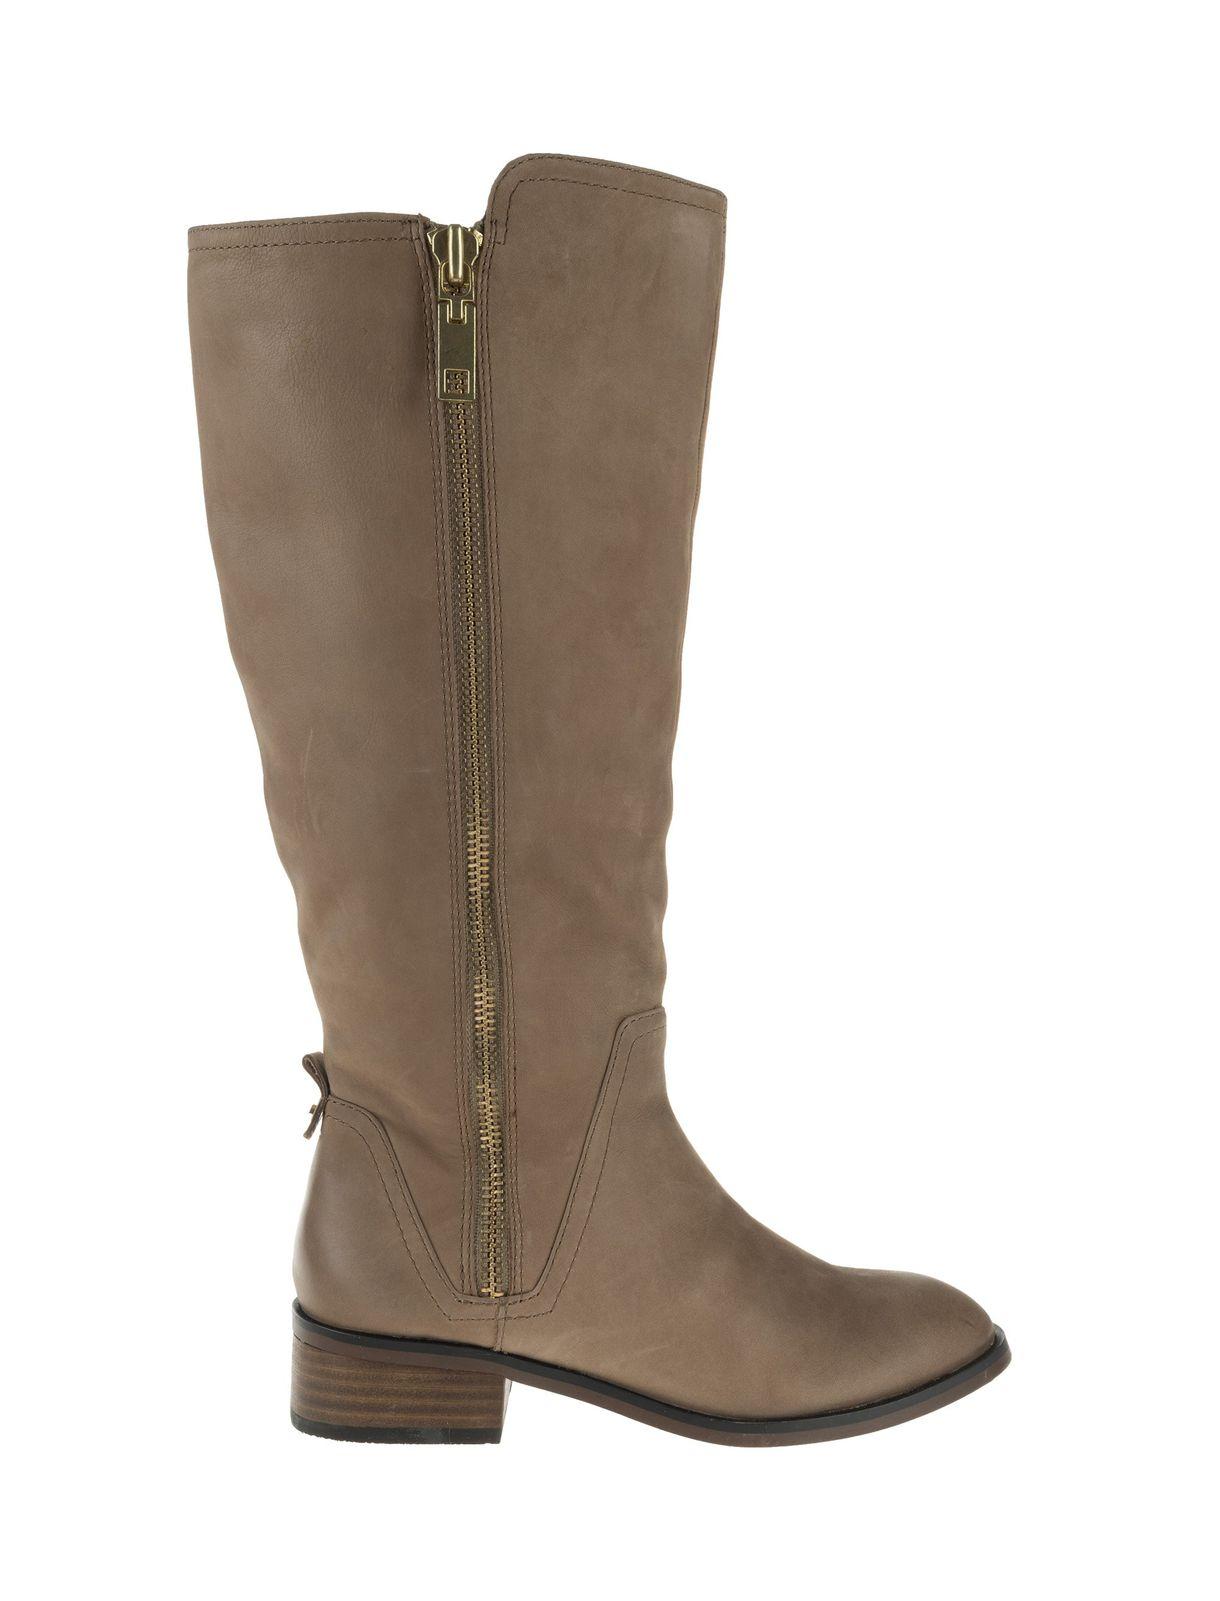 بوت نبوک تخت زنانه – آلدو  Women Nubuk Flat Boots – Aldo